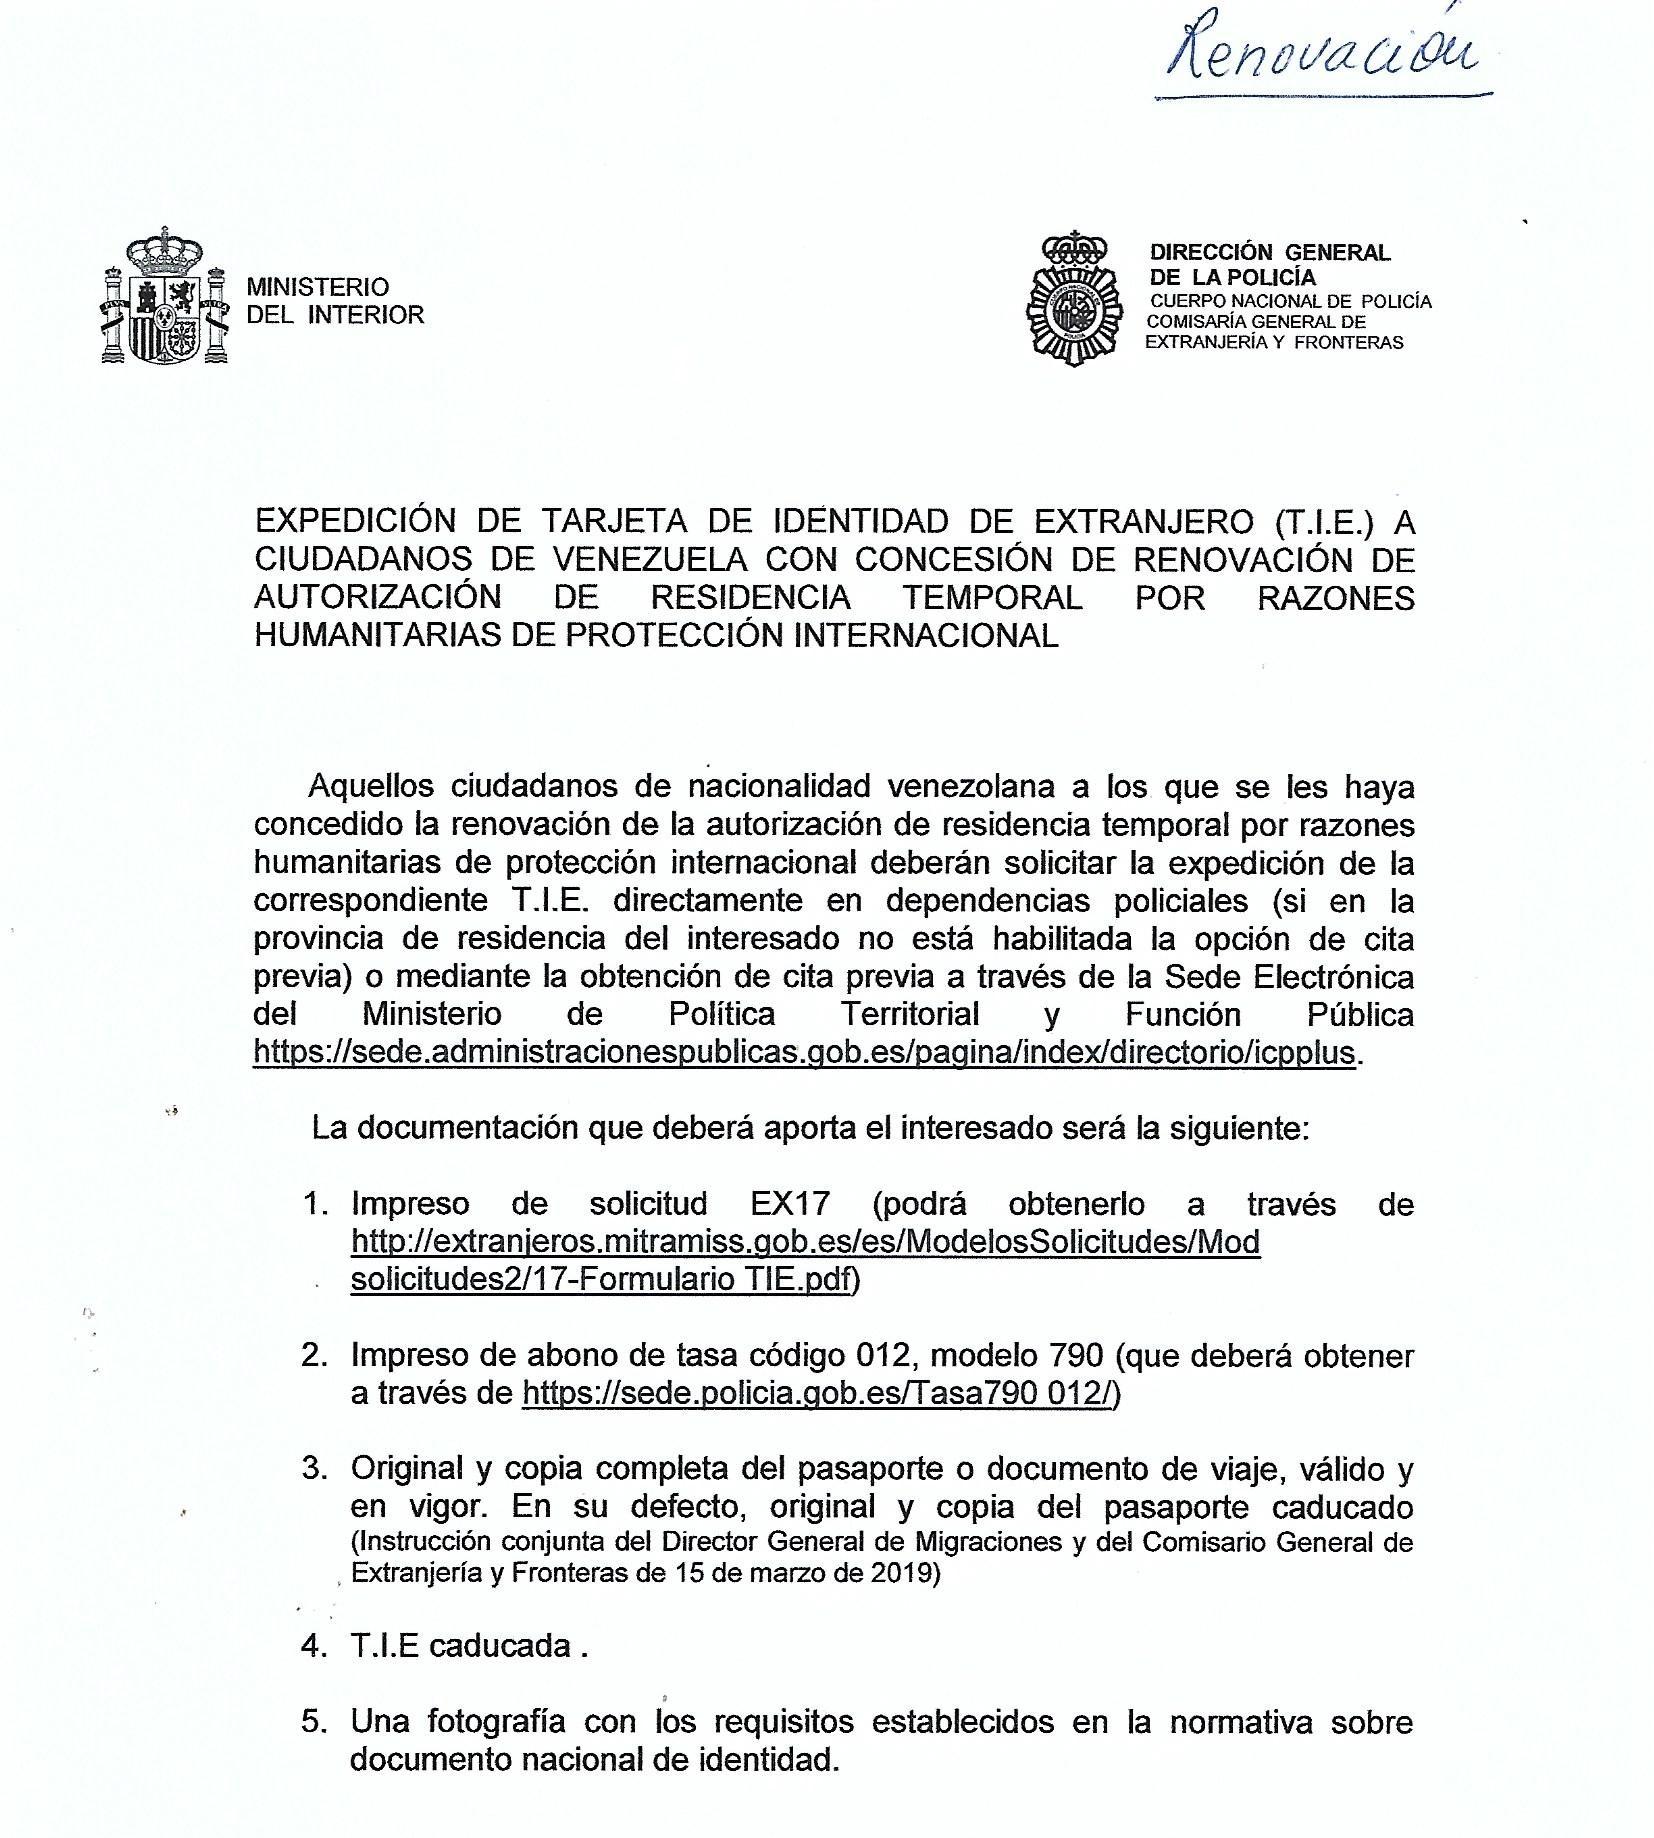 7 Tips para entender la renovación de residencia por razones humanitarias de venezolanos